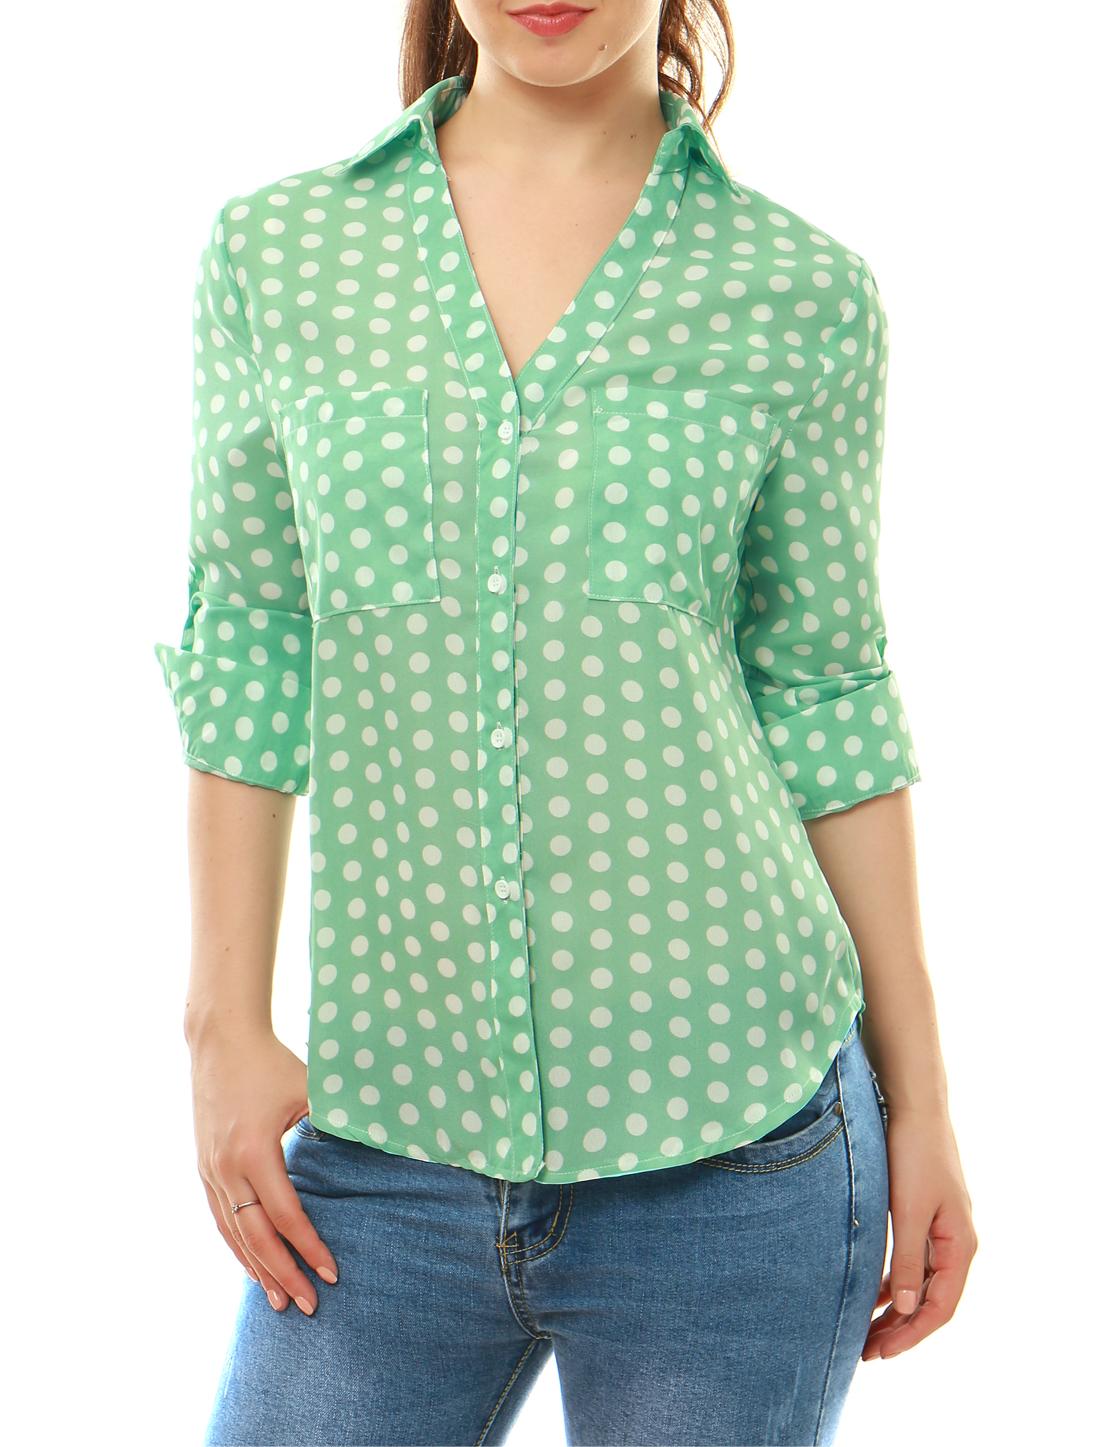 Women Polka Dots Point Collar Convertible Sleeve Shirt Green XL